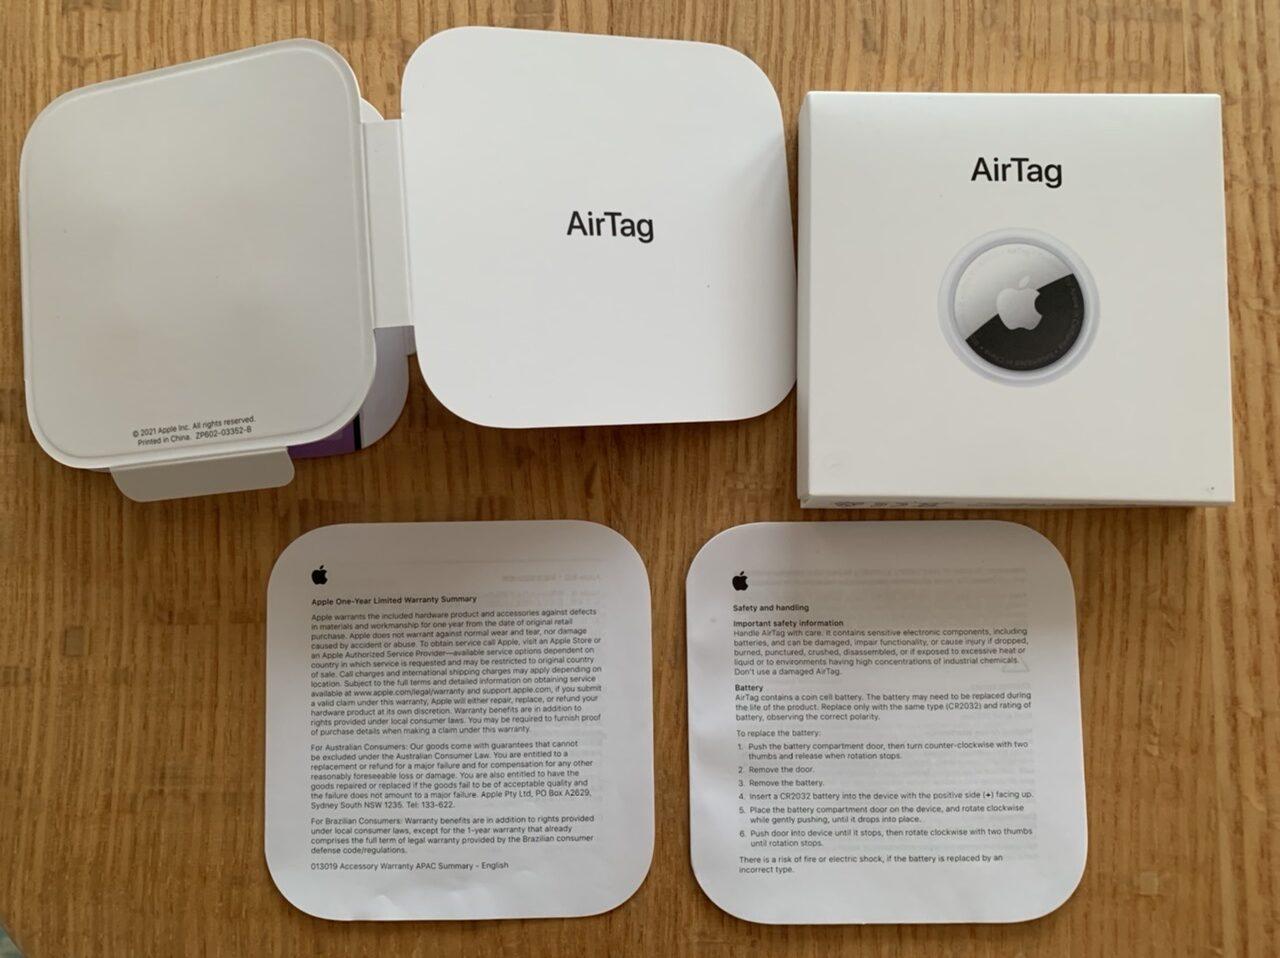 Airtagを開封して中に入っていたものの一覧を紹介している画像